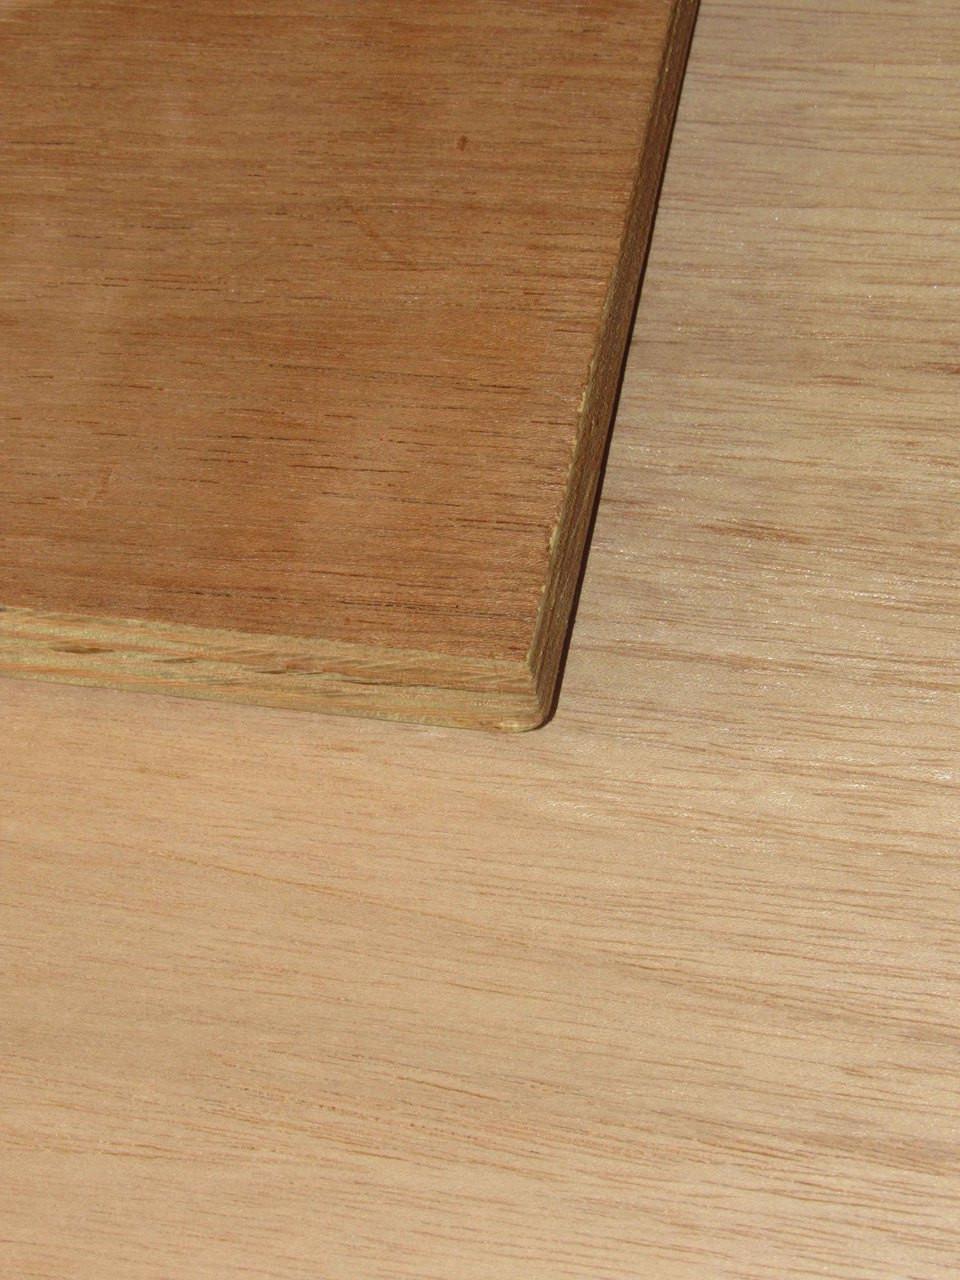 Medium Density Overlay Board